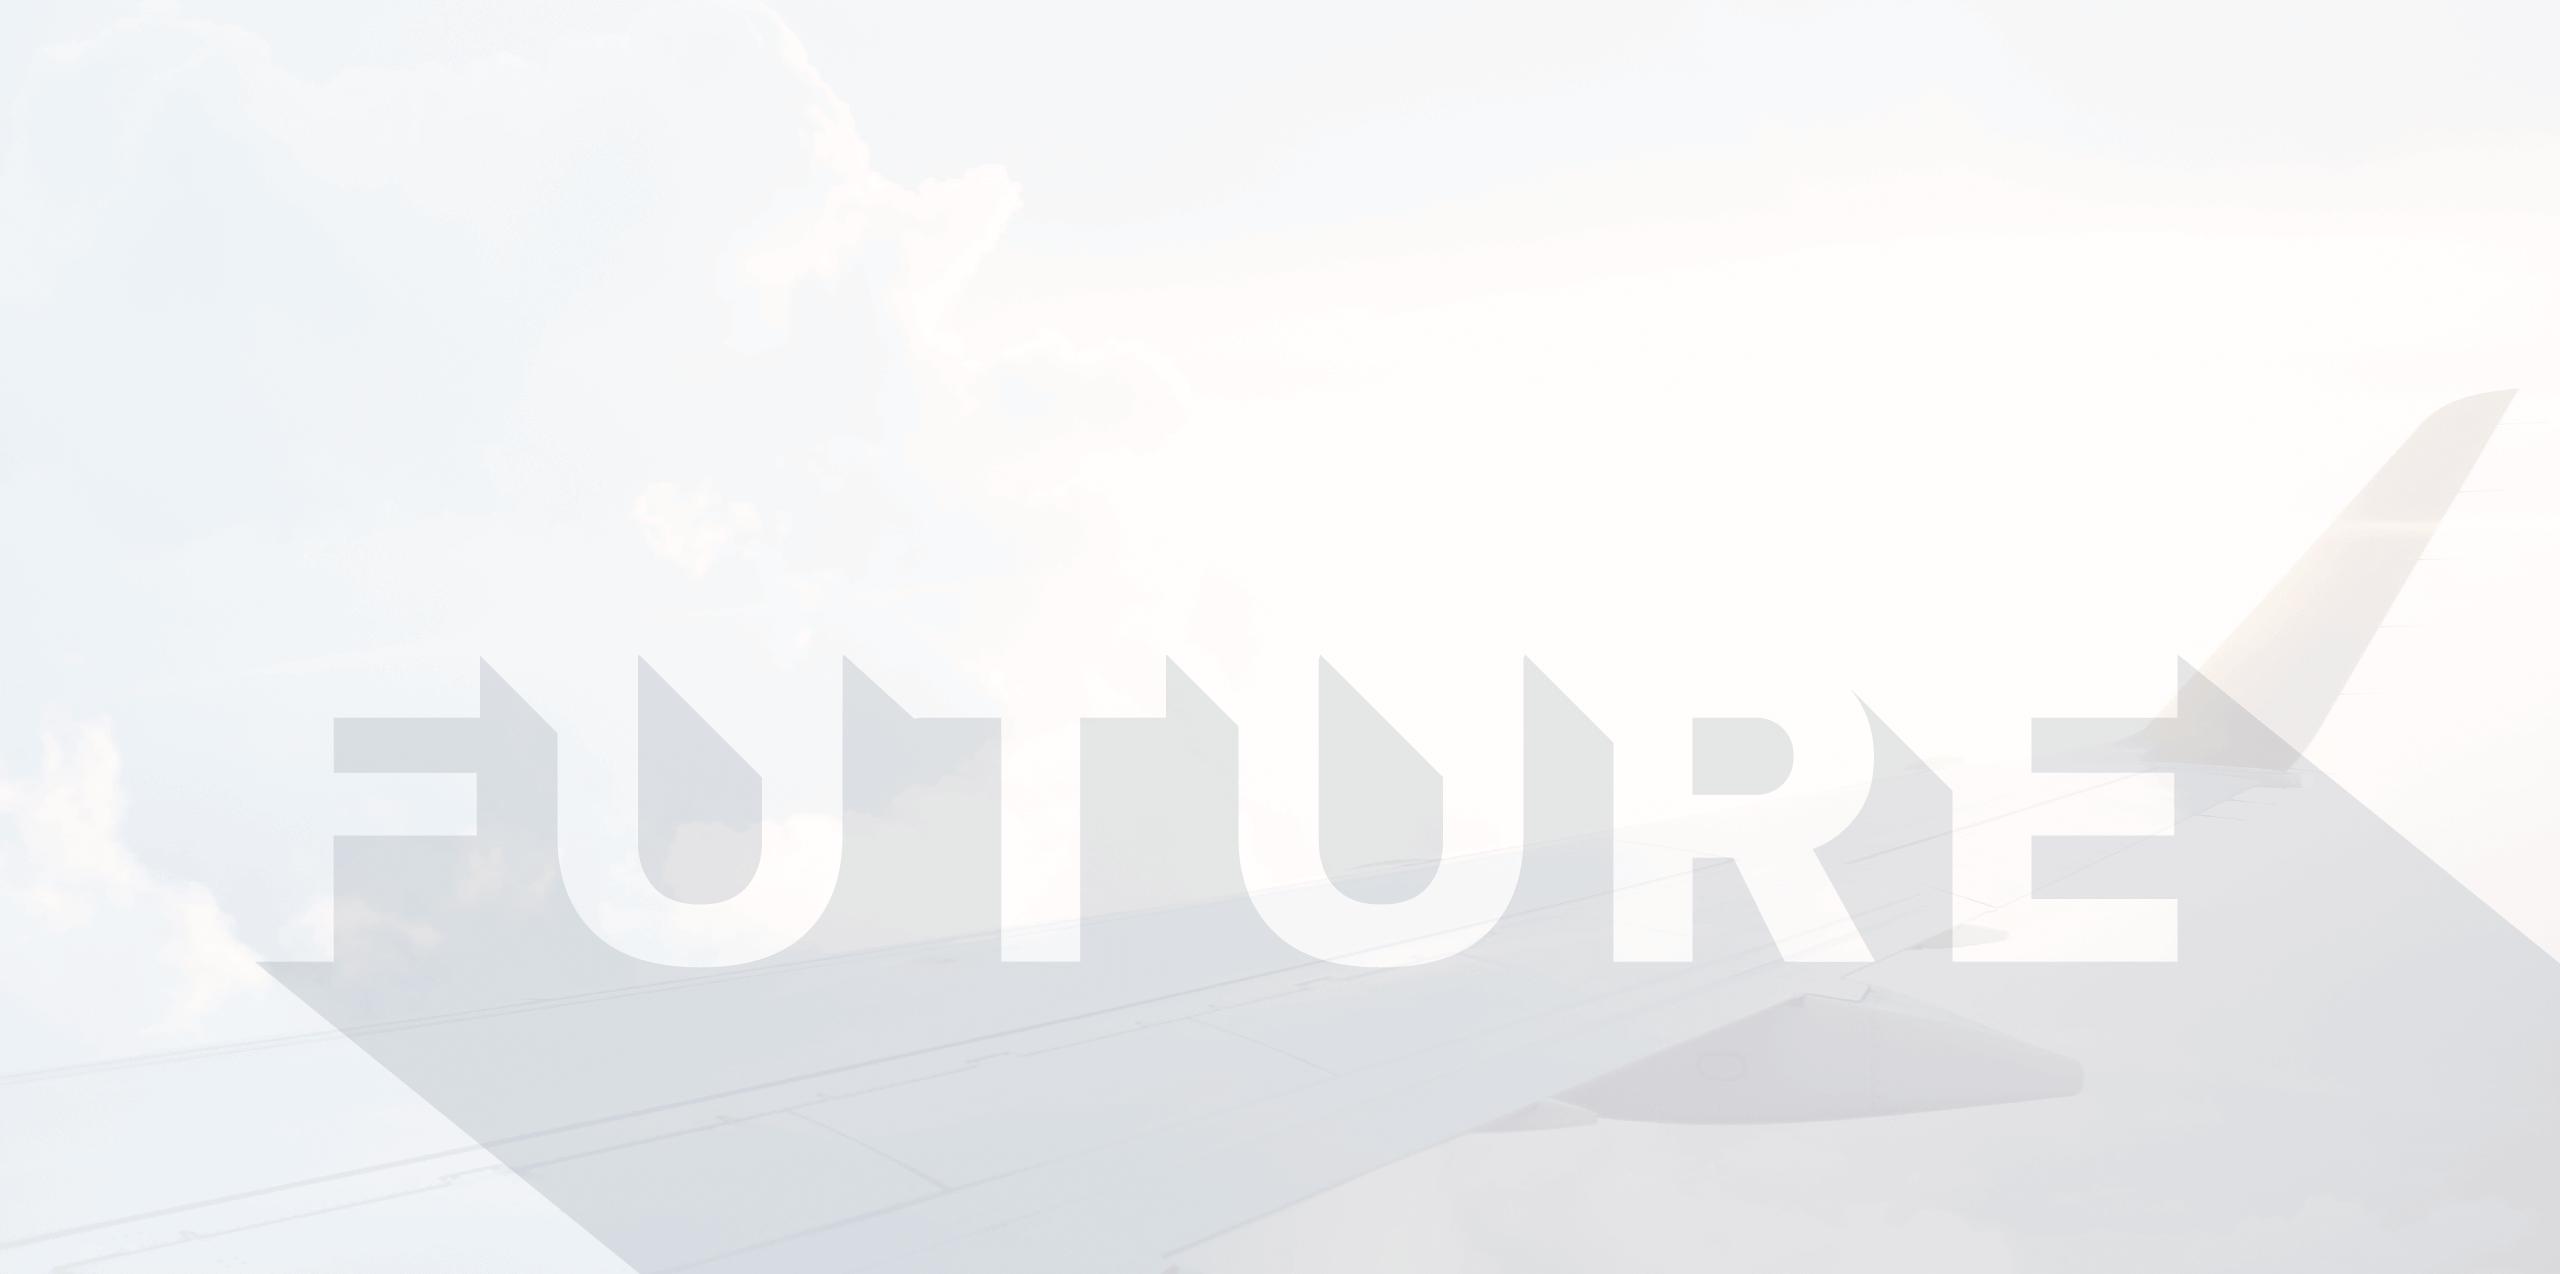 ekfuture-landing.png